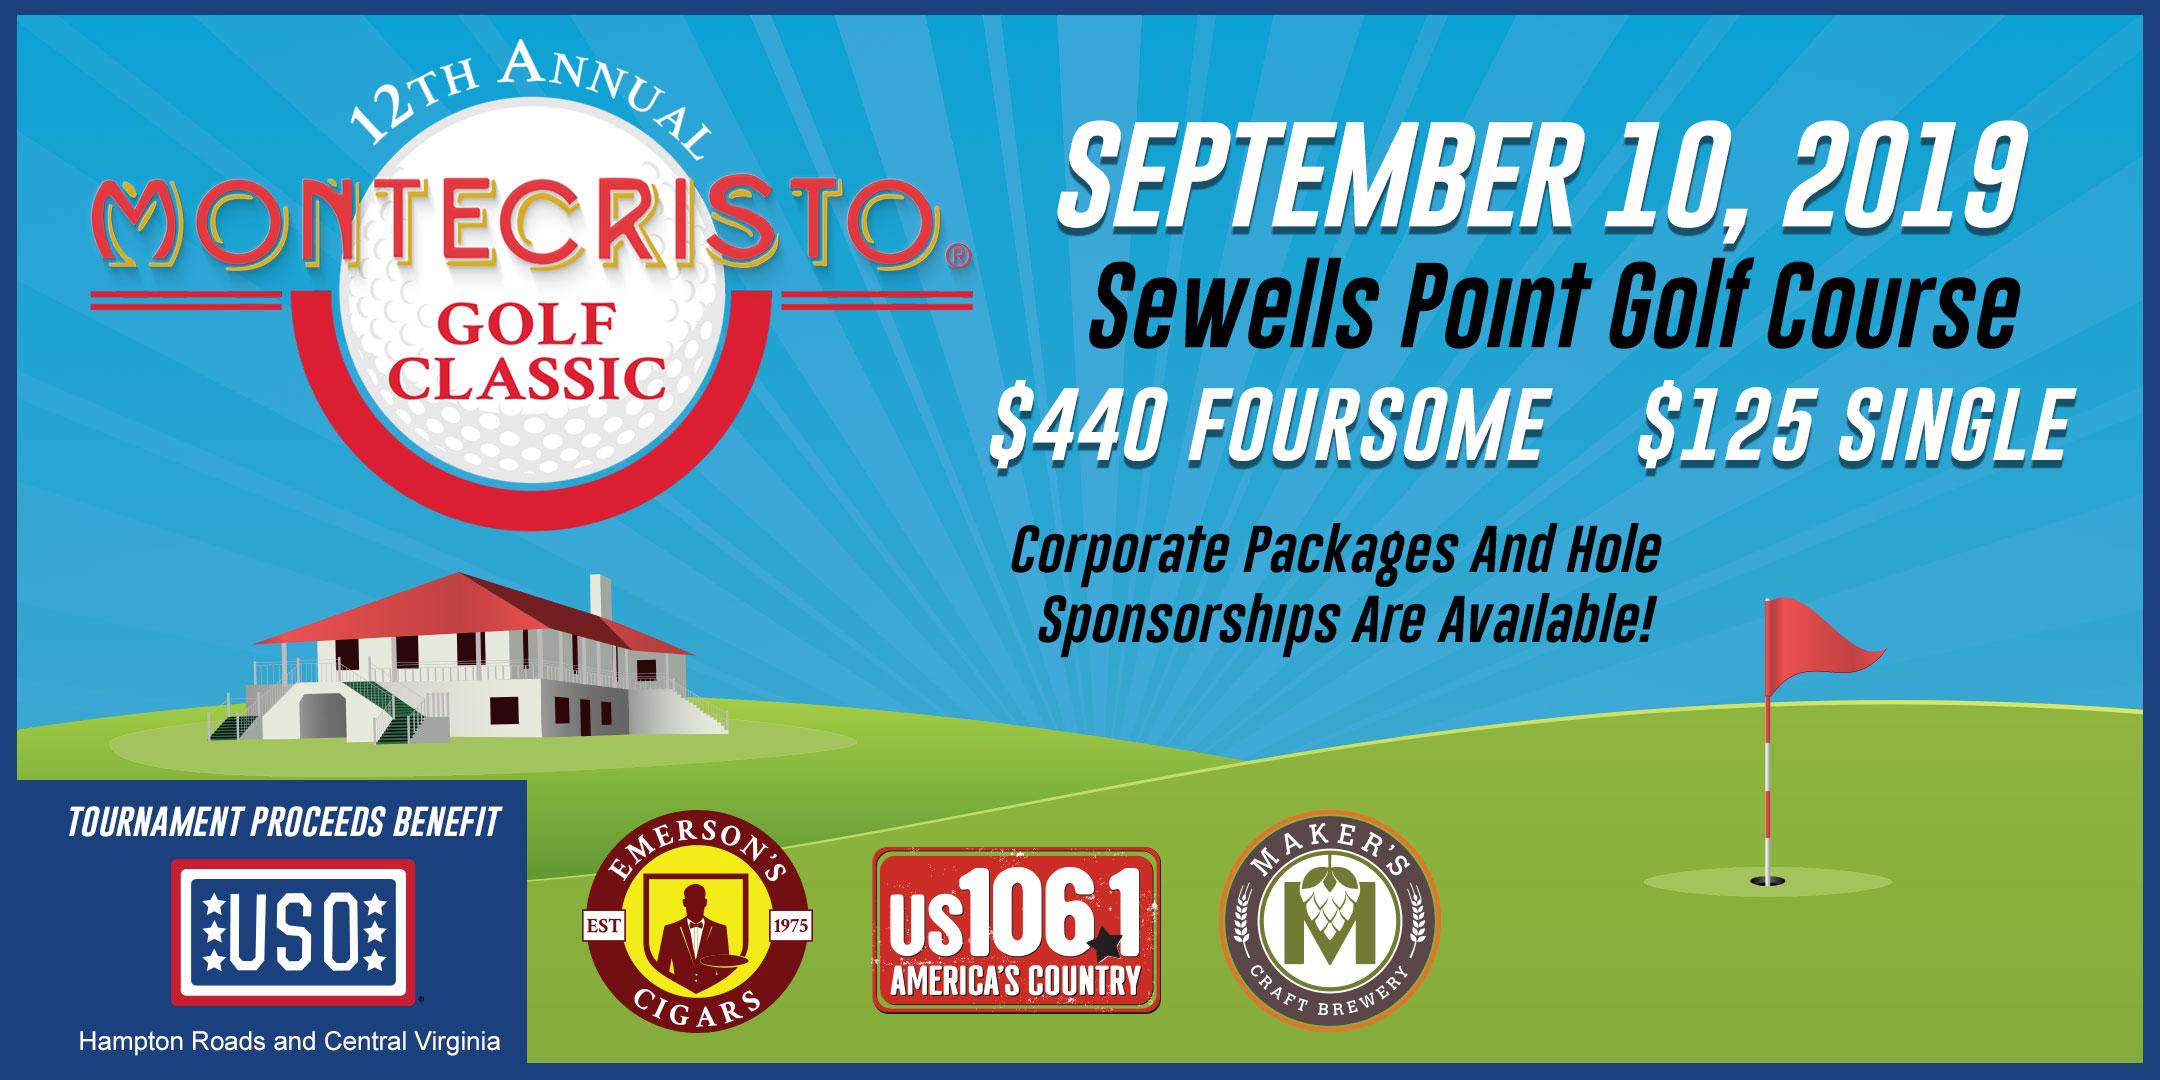 12th Annual Montecristo Golf Classic